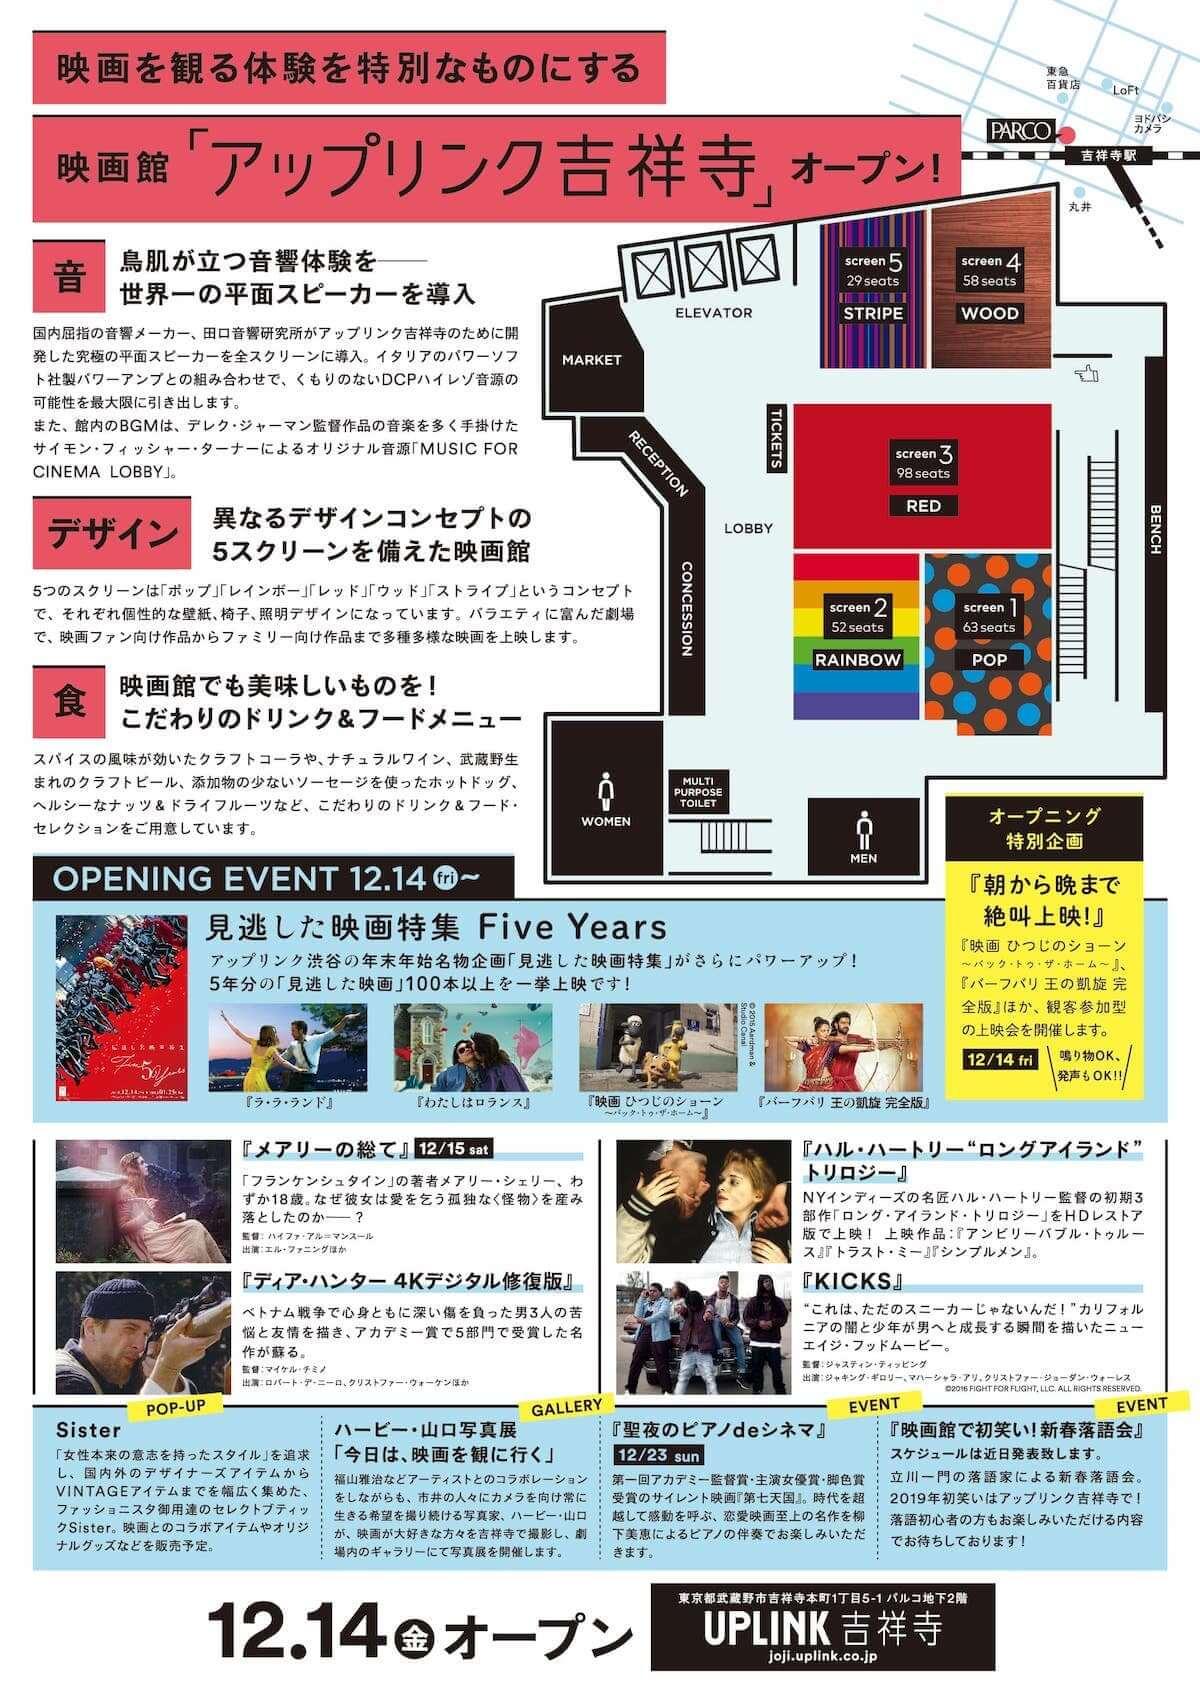 12月オープンの映画館「アップリンク吉祥寺」オープニング企画続々決定! film181118-joji-uplink-2-1200x1695